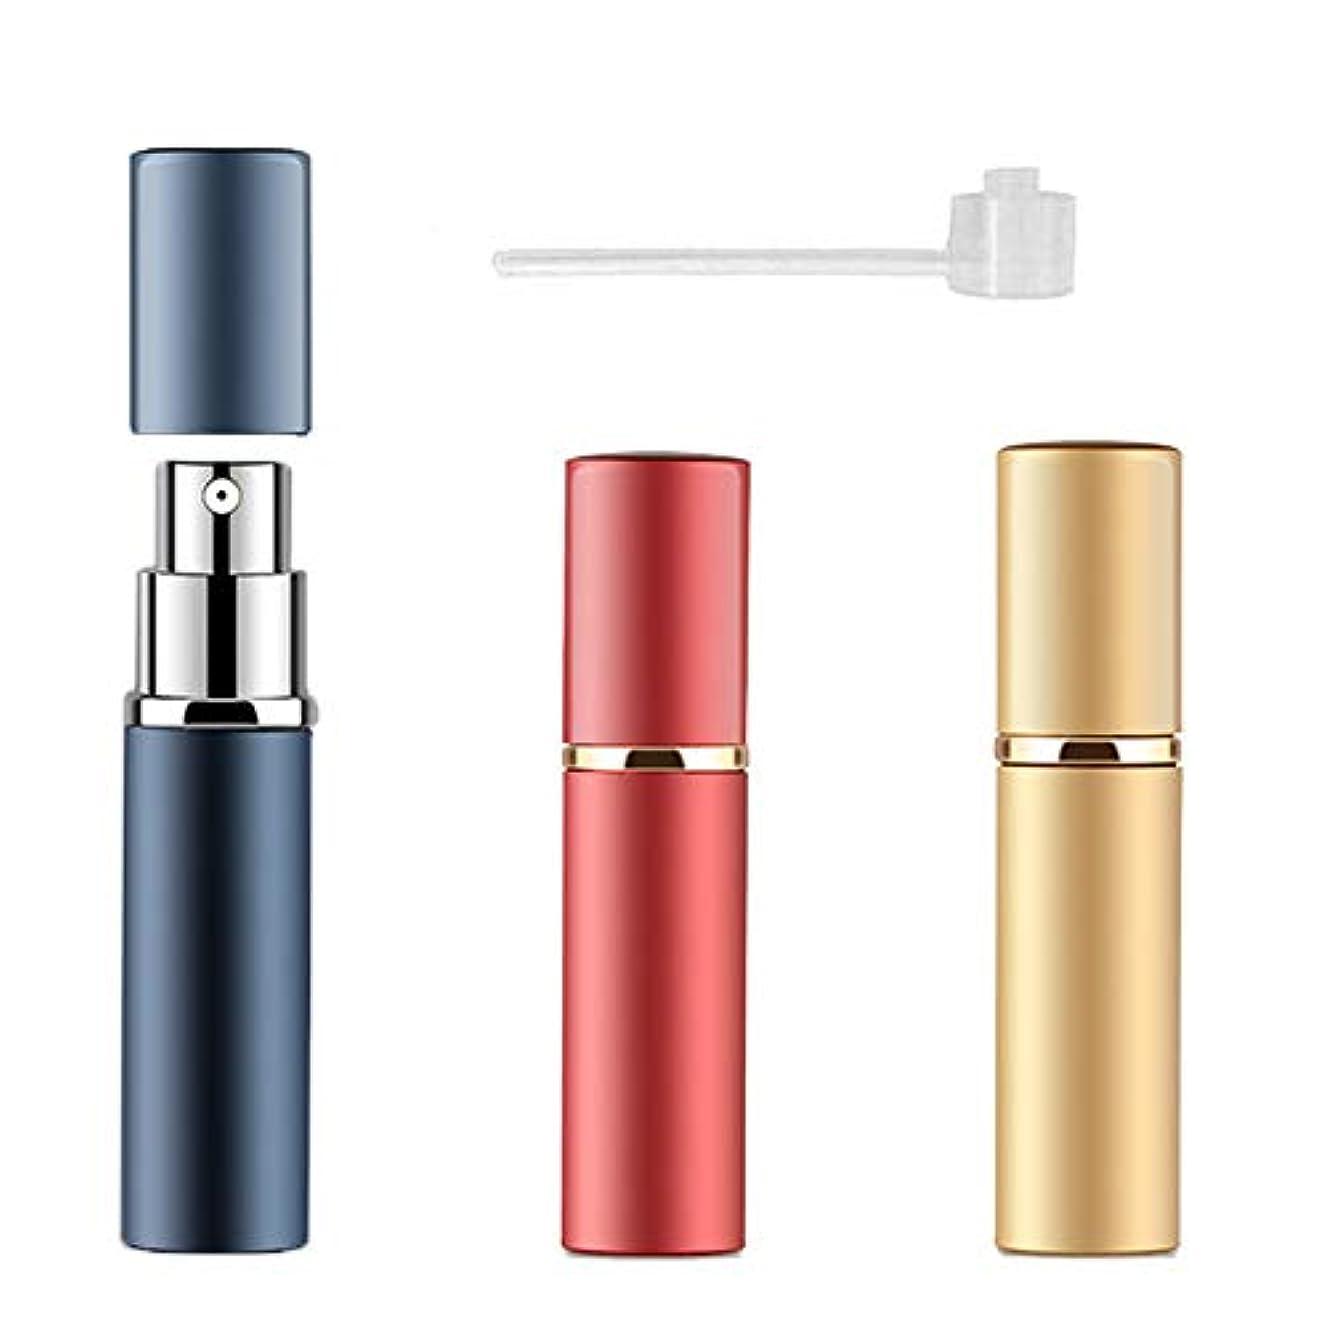 降雨インデックスアリーナアトマイザー 香水 詰め替え容器 スプレーボトル 小分けボトル トラベルボトル 旅行携帯便利 (3色セット)